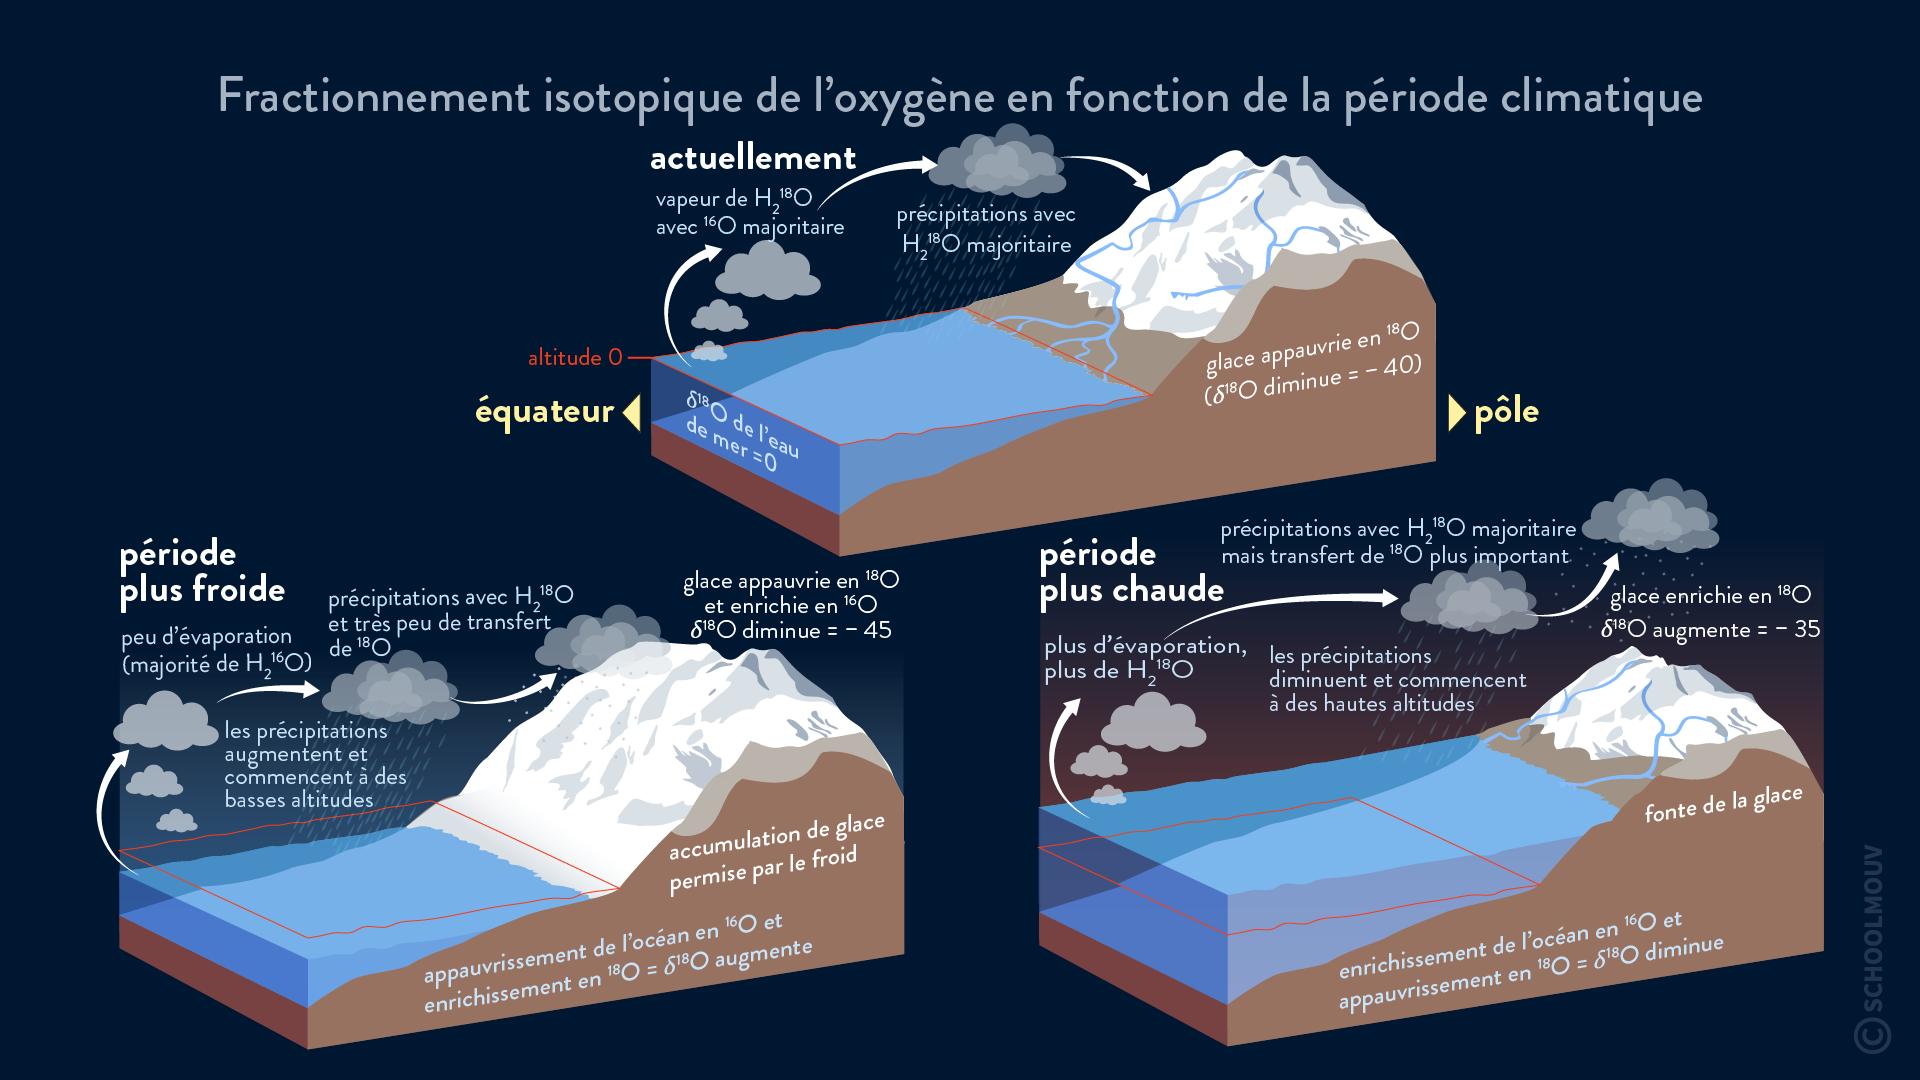 Fractionnement isotopique de l'oxygène en fonction de la période climatique